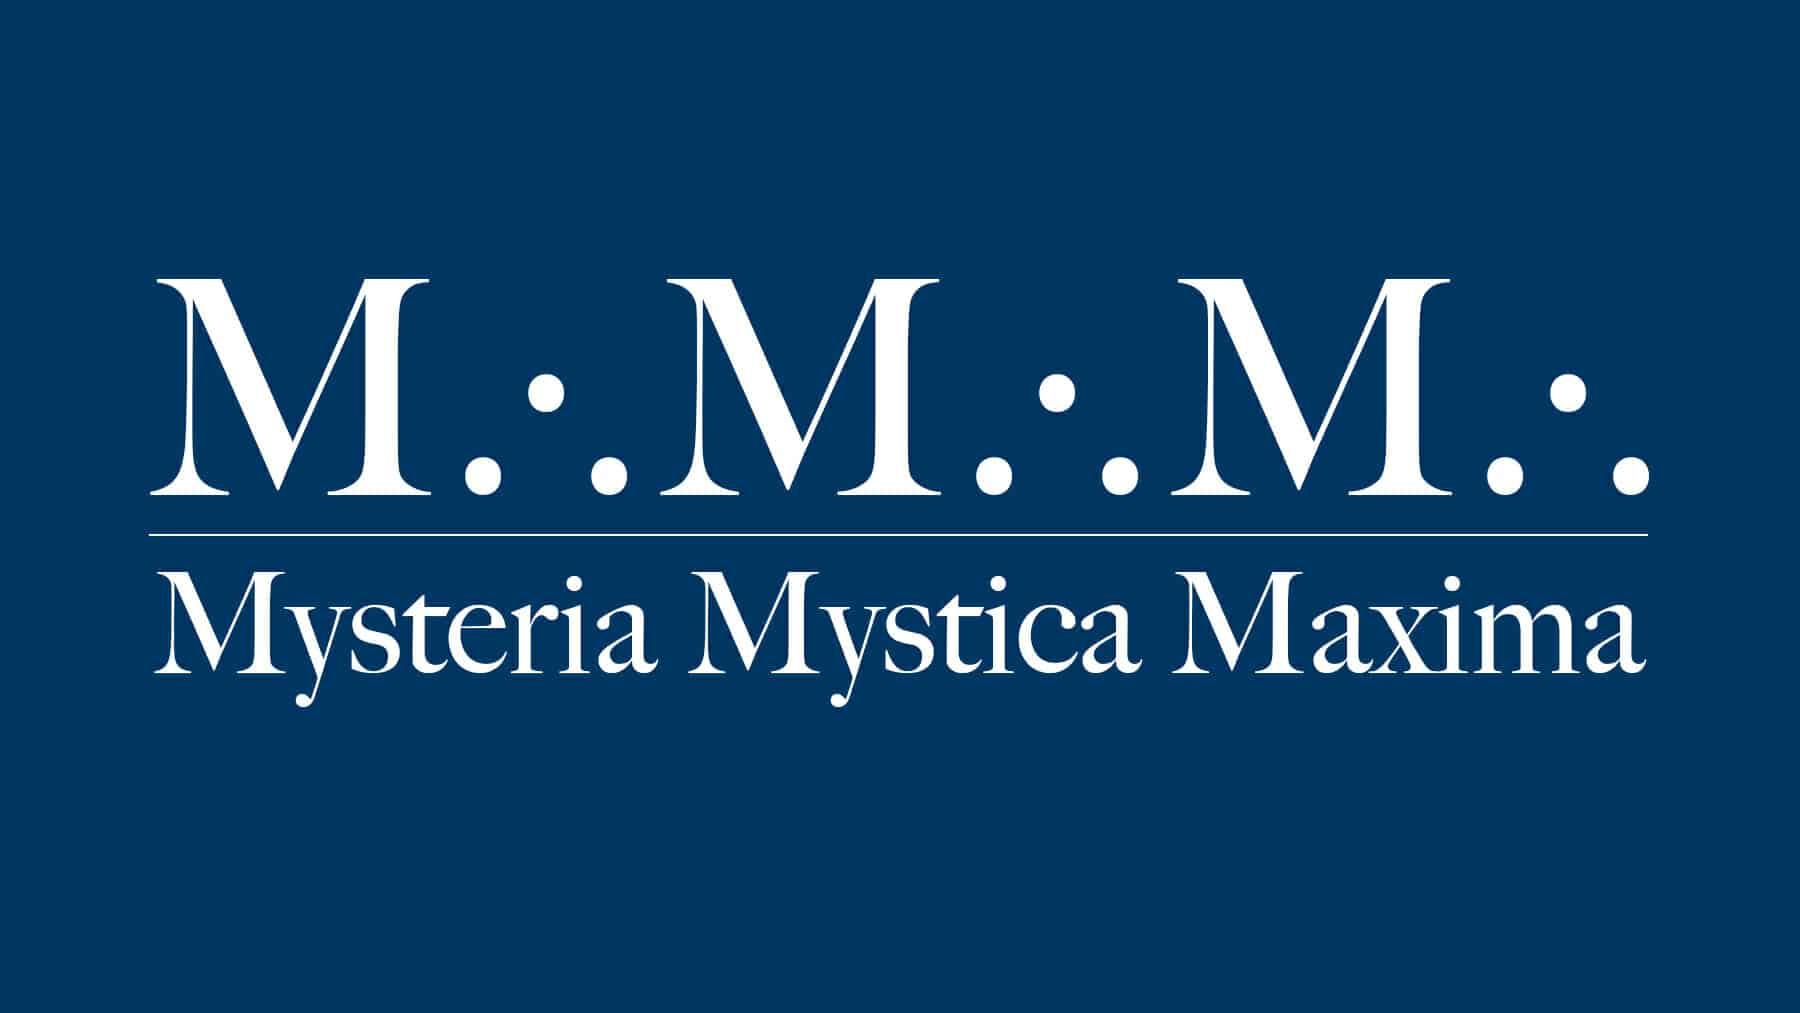 Mysteria Mystica Maxima